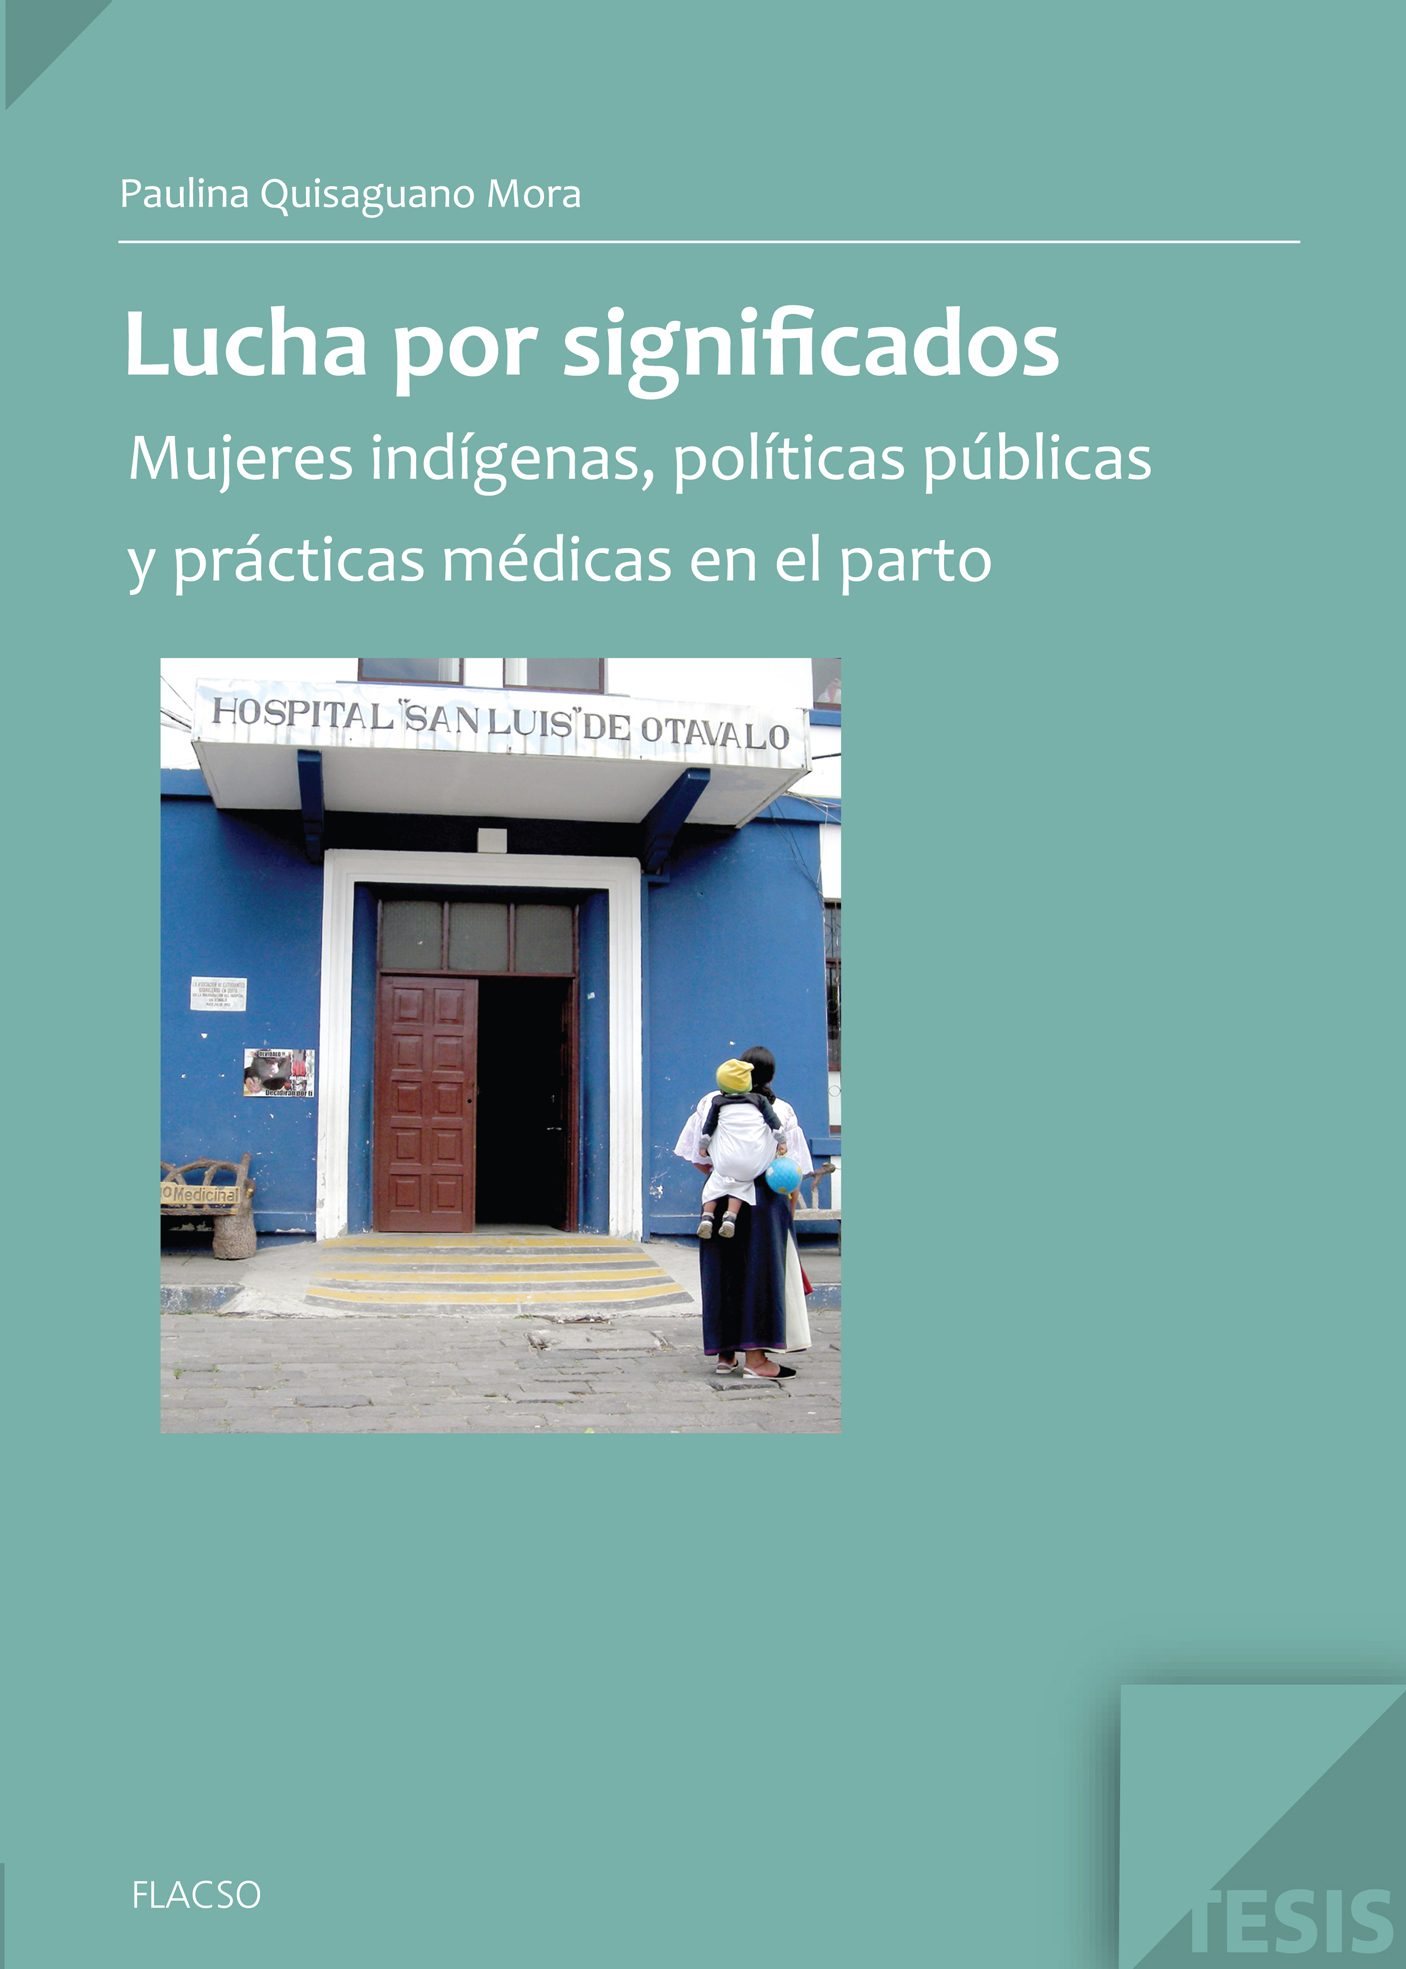 Lucha por significados. Mujeres indígenas, políticas públicas y prácticas médicas en el parto